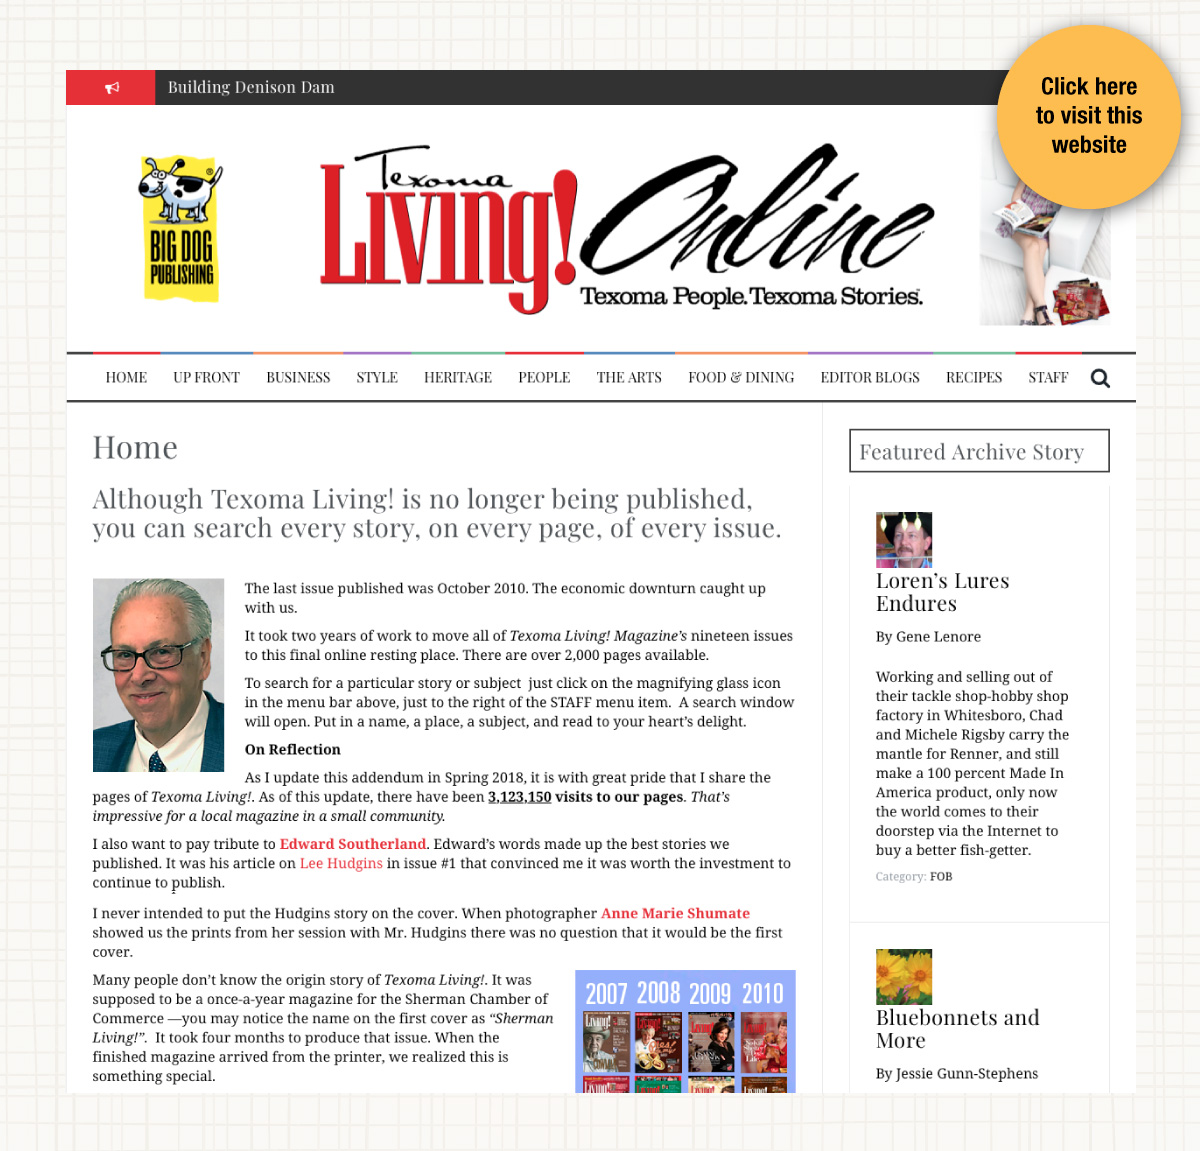 Website for Texoma Living Magazine